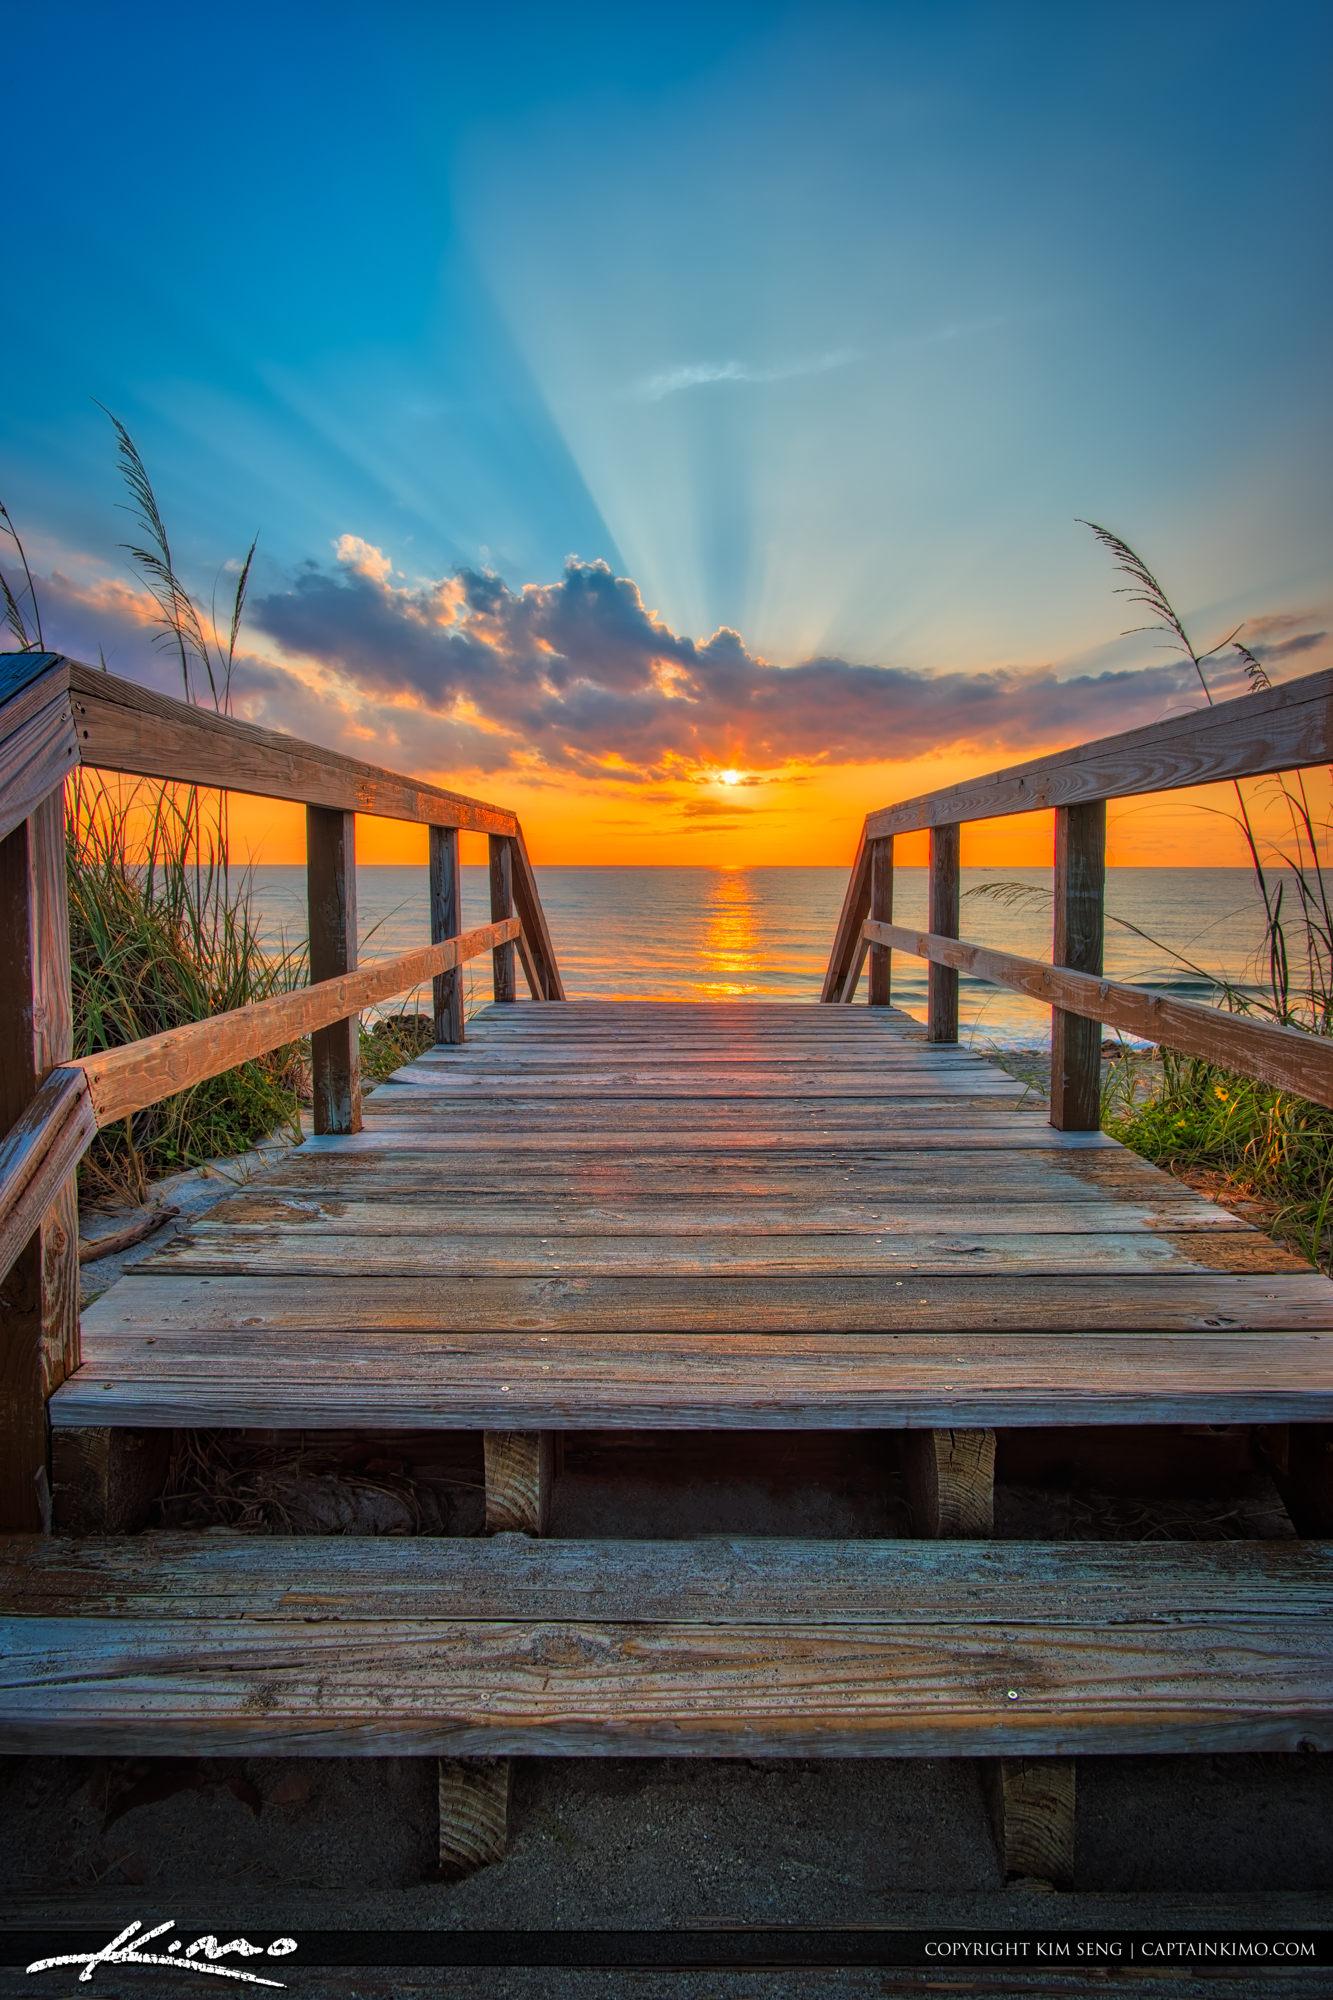 Stairway to Heaven Sunrise at Beach